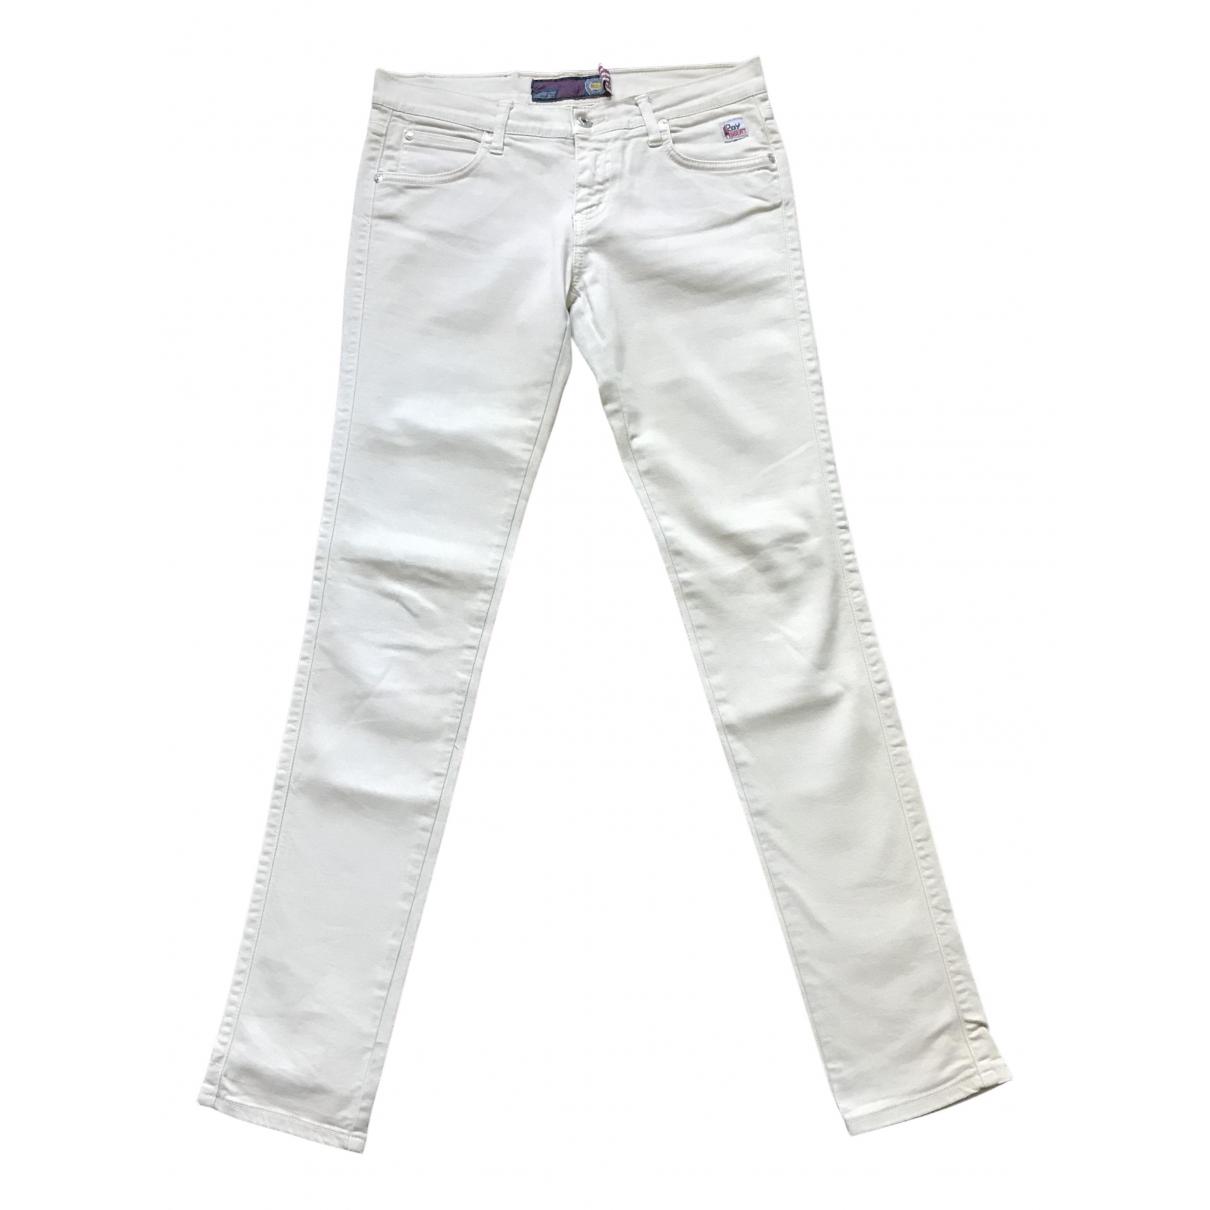 Pantalones en Algodon Beige Roy Rogers